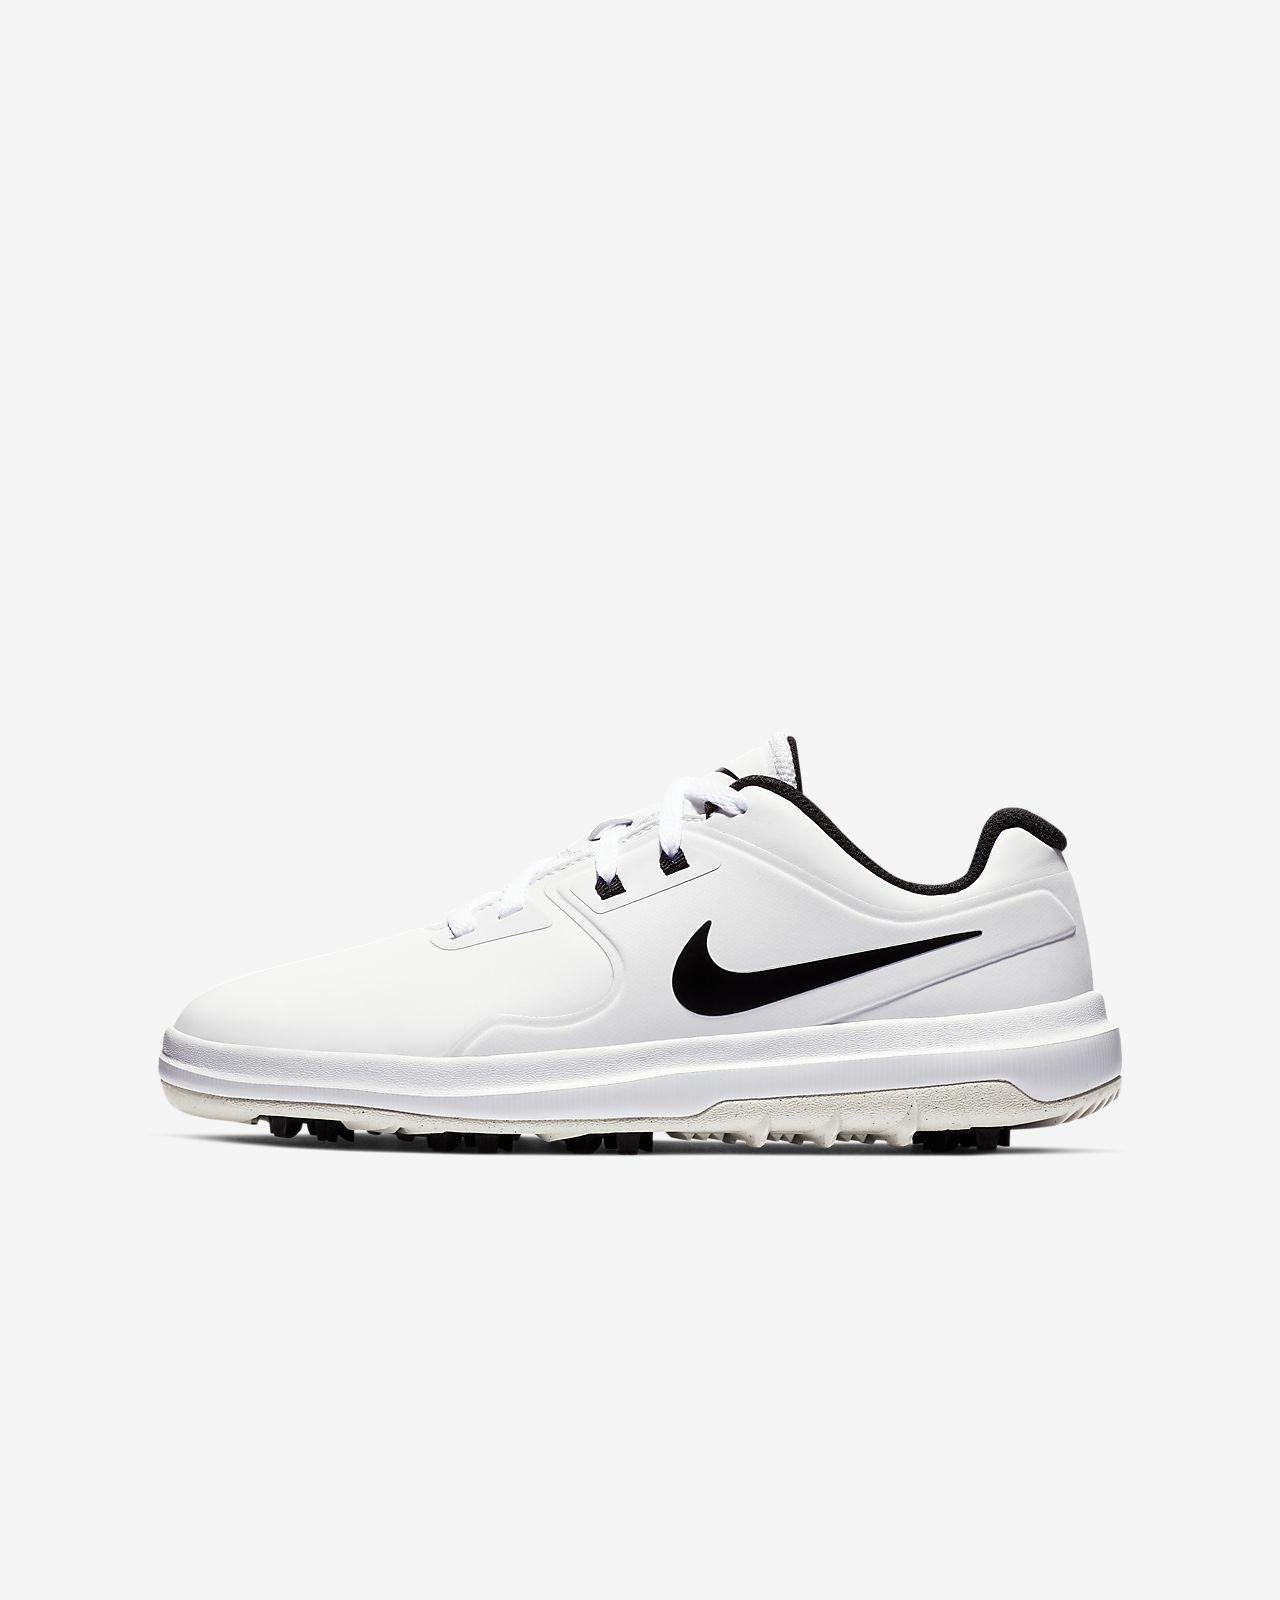 Nike Vapor Pro Jr. Sabatilles de golf - Nen/a i nen/a petit/a